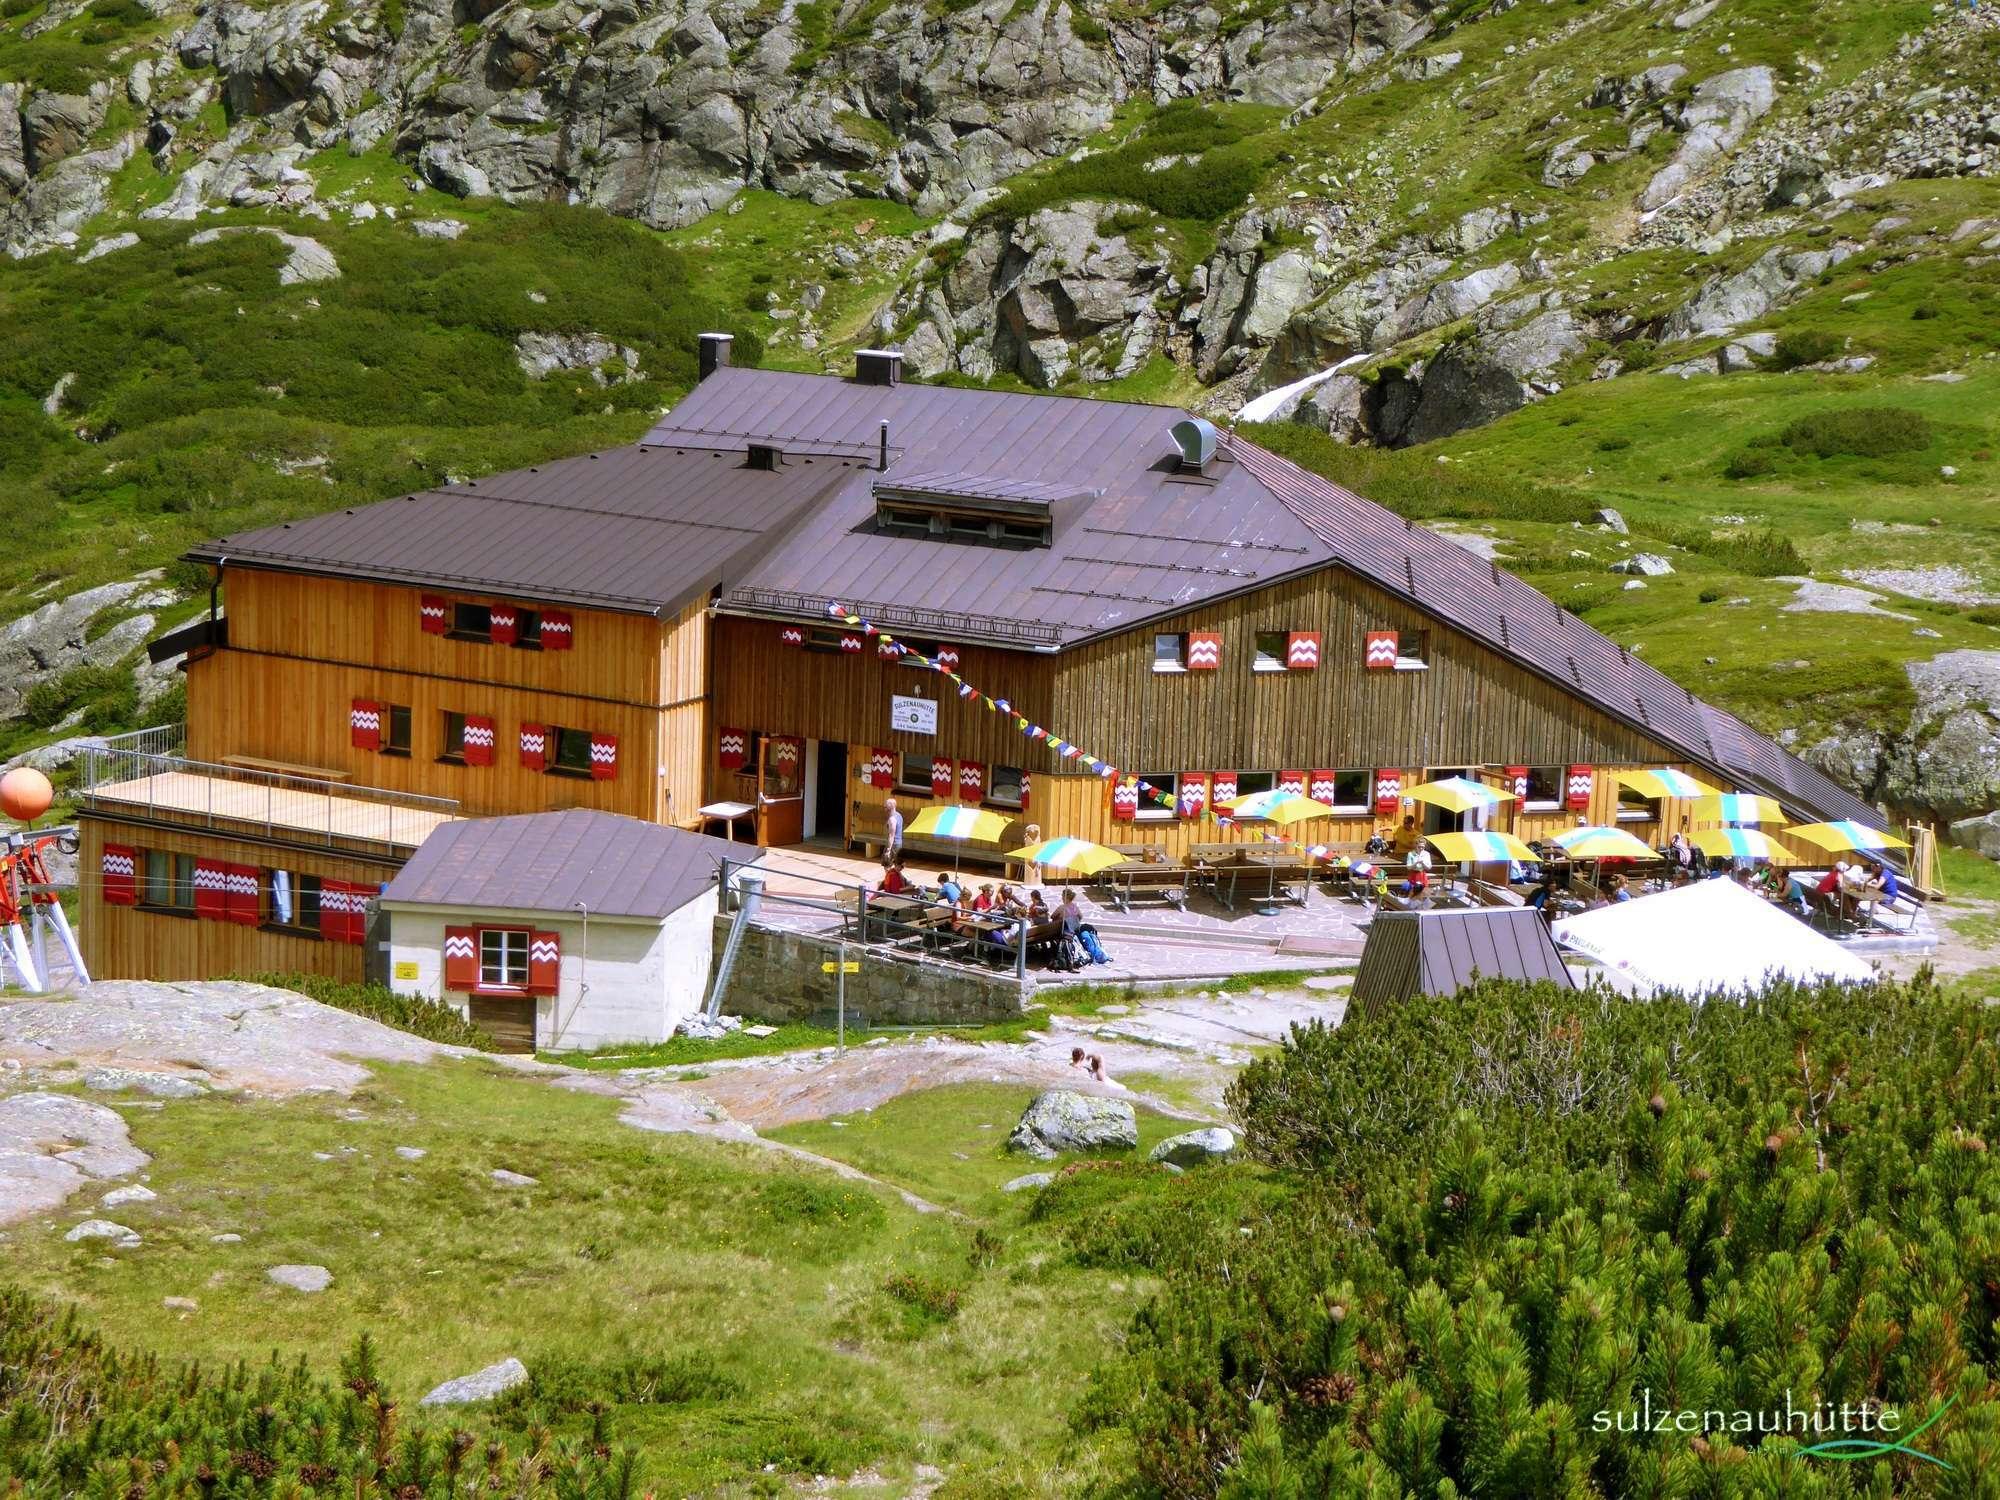 Sulzenauhütte, Stubaier Höhenweg